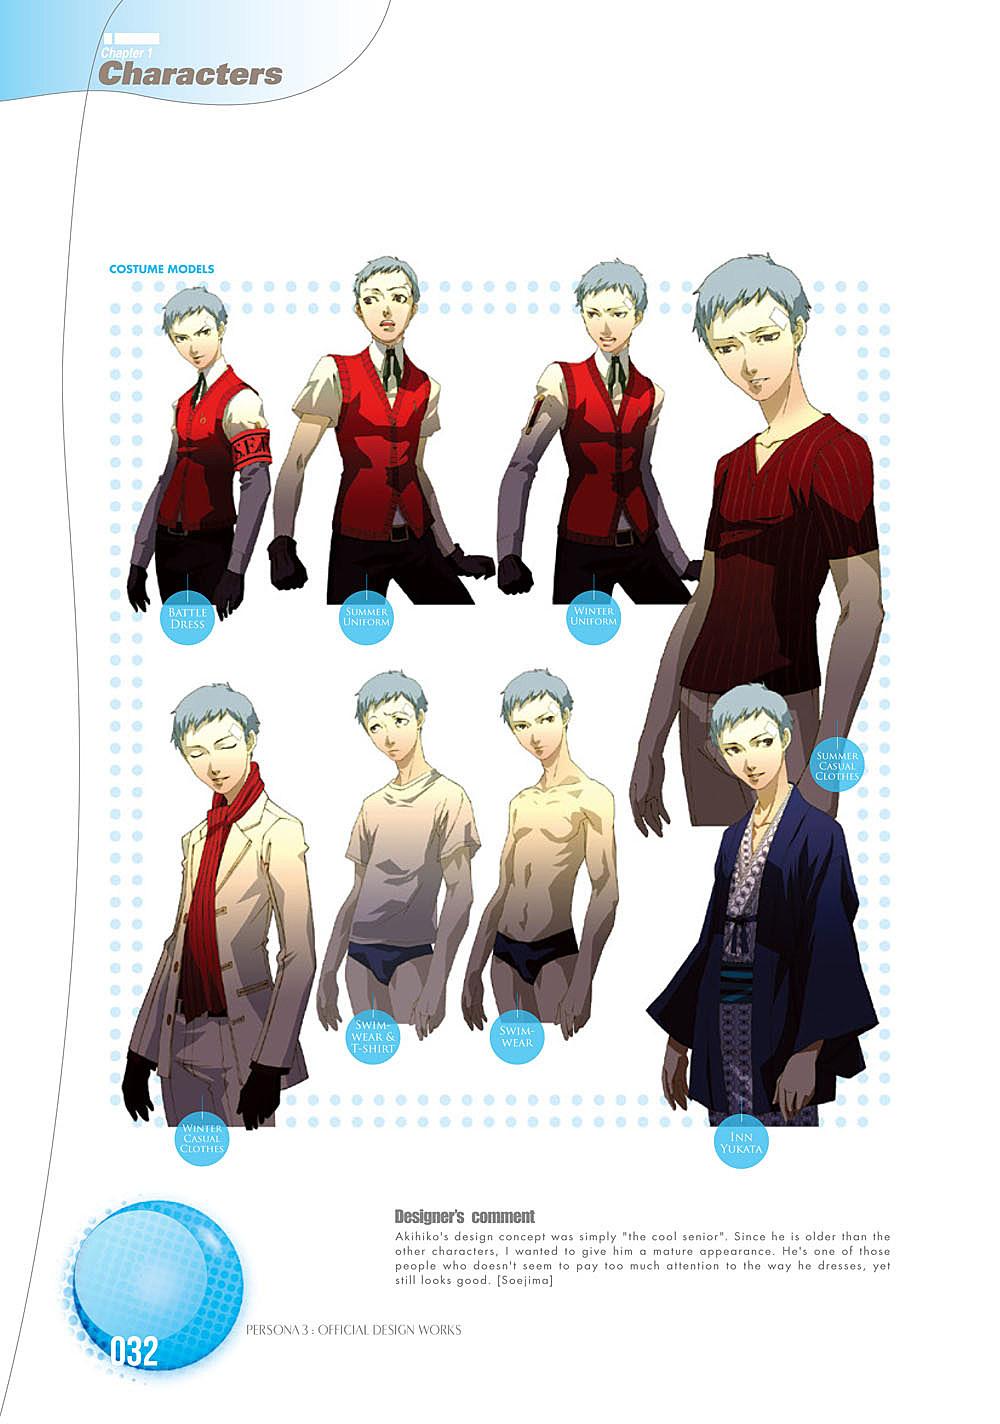 The Fashions and Art of 'Persona 3′ Designer Shigenori